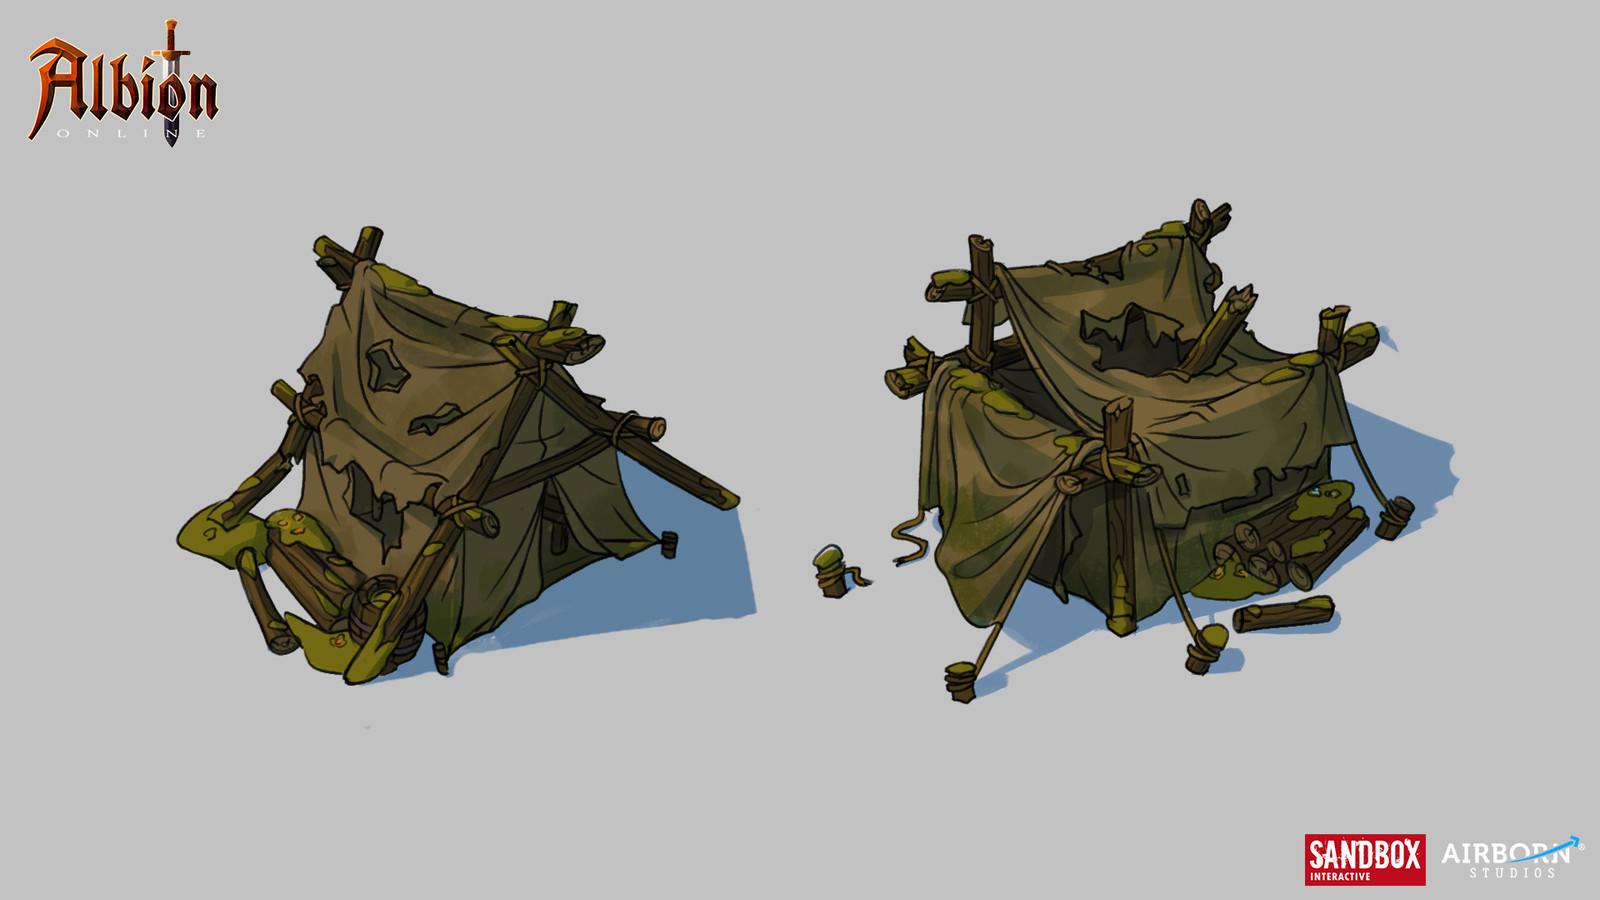 Concepts by Dominik Gröstlinger